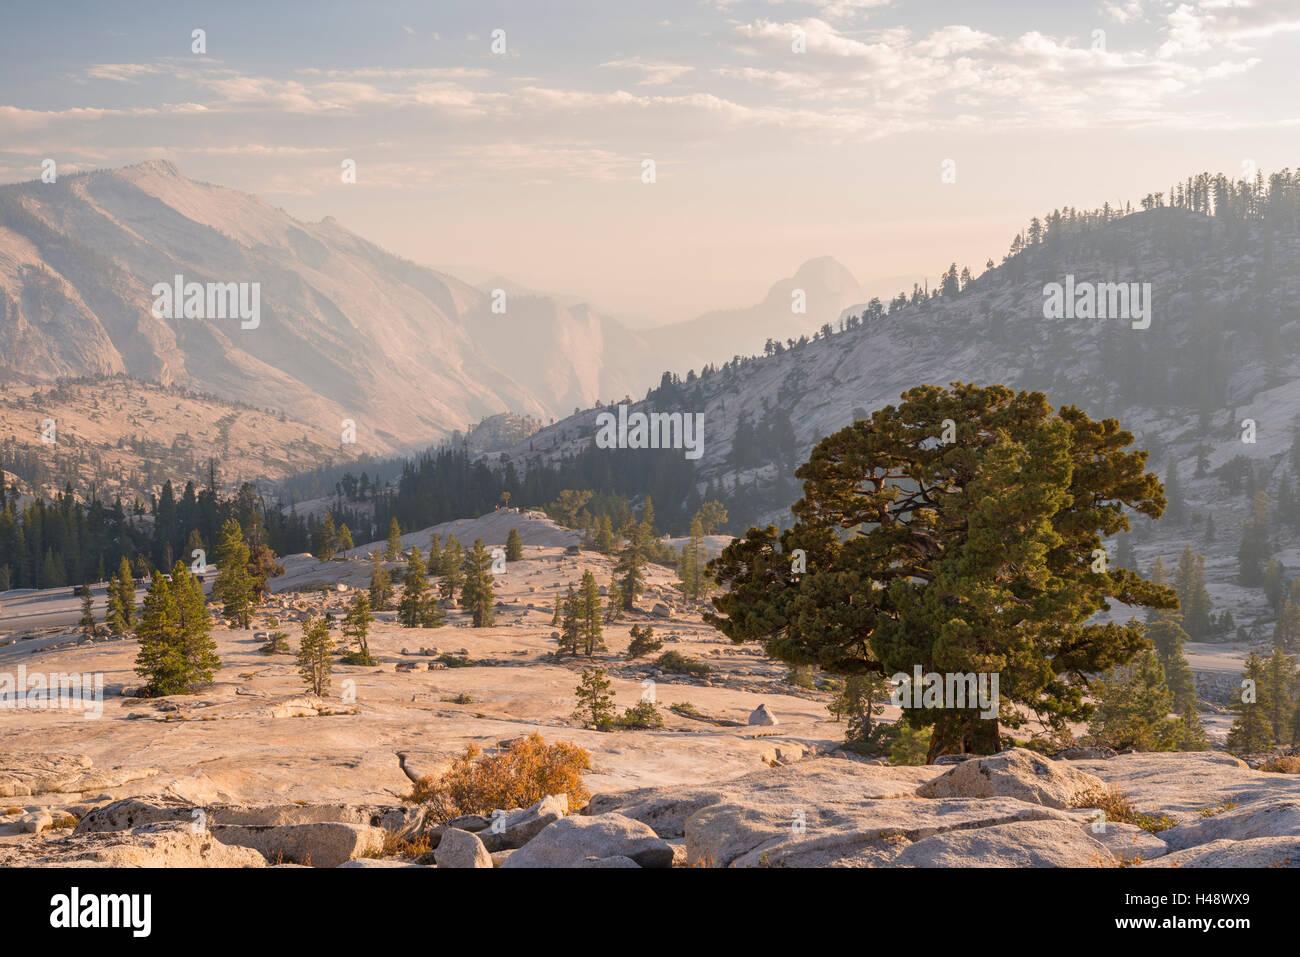 Halbe Kuppel und Clouds Rest Berge von Olmsted Point, Yosemite-Nationalpark, Kalifornien, USA. Herbst (Oktober) Stockbild